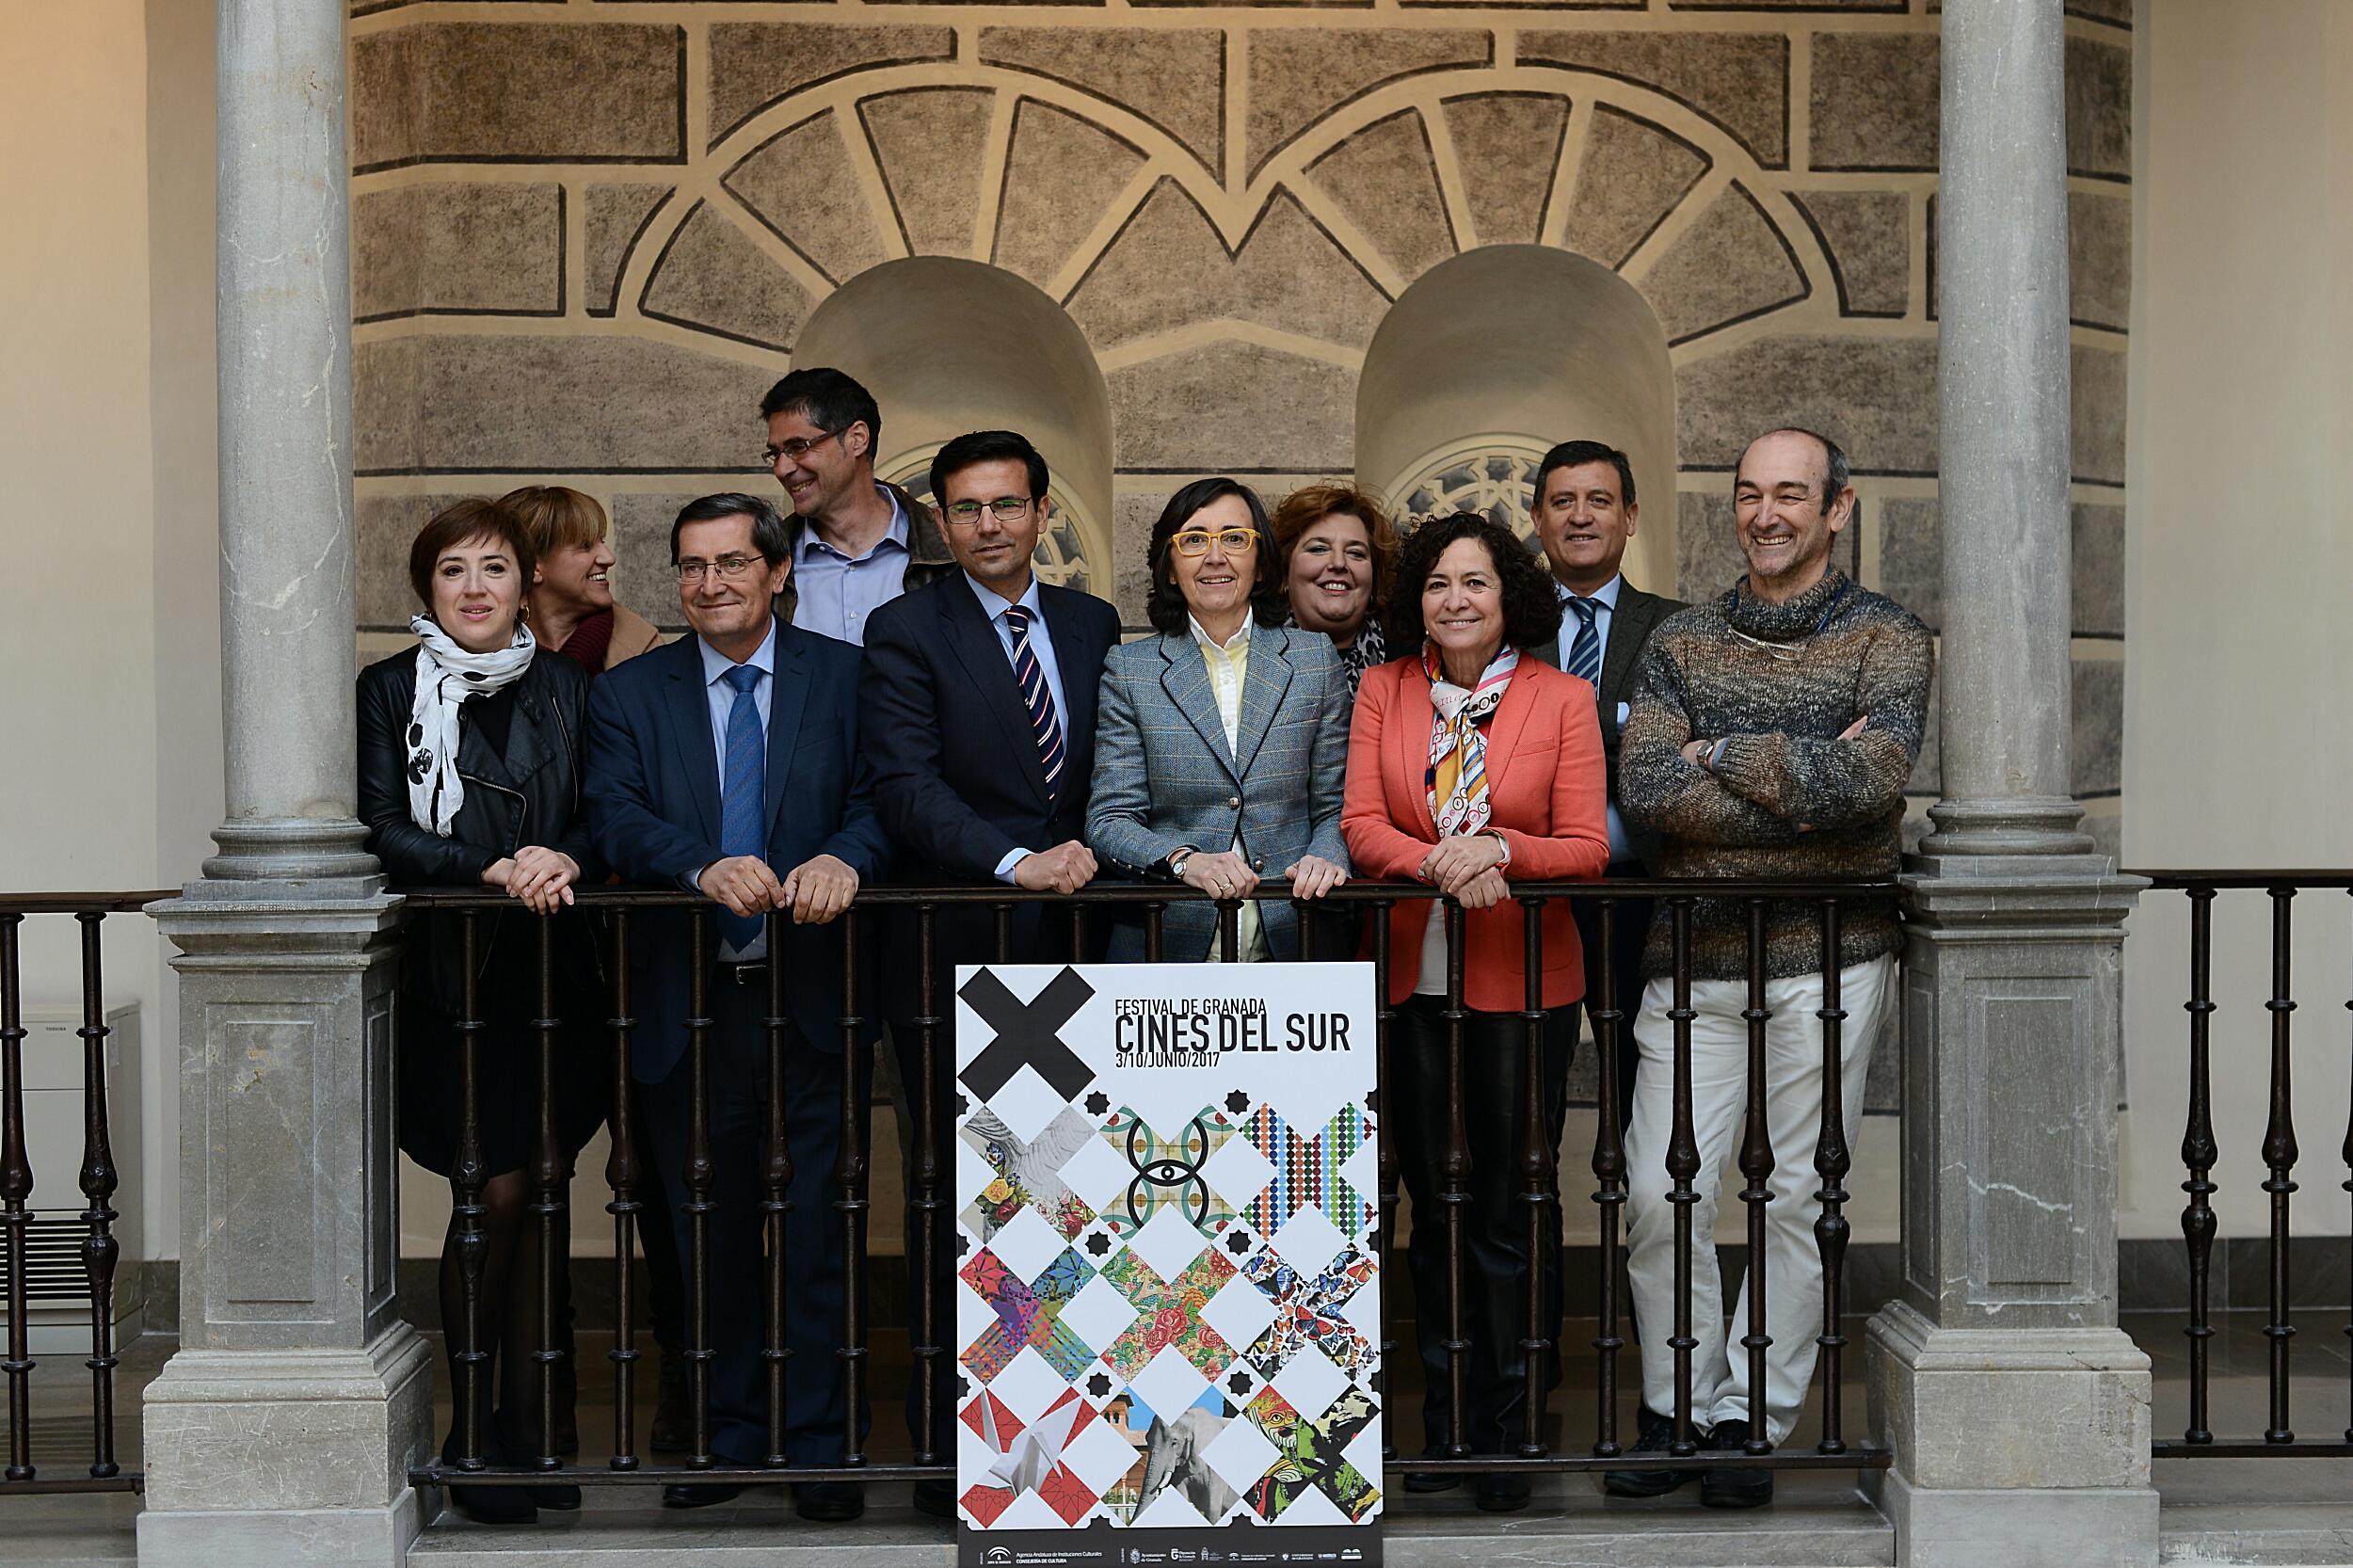 Rosa Aguilar y el resto de autoridades, tras la presentación del X Festival Cines del Sur.